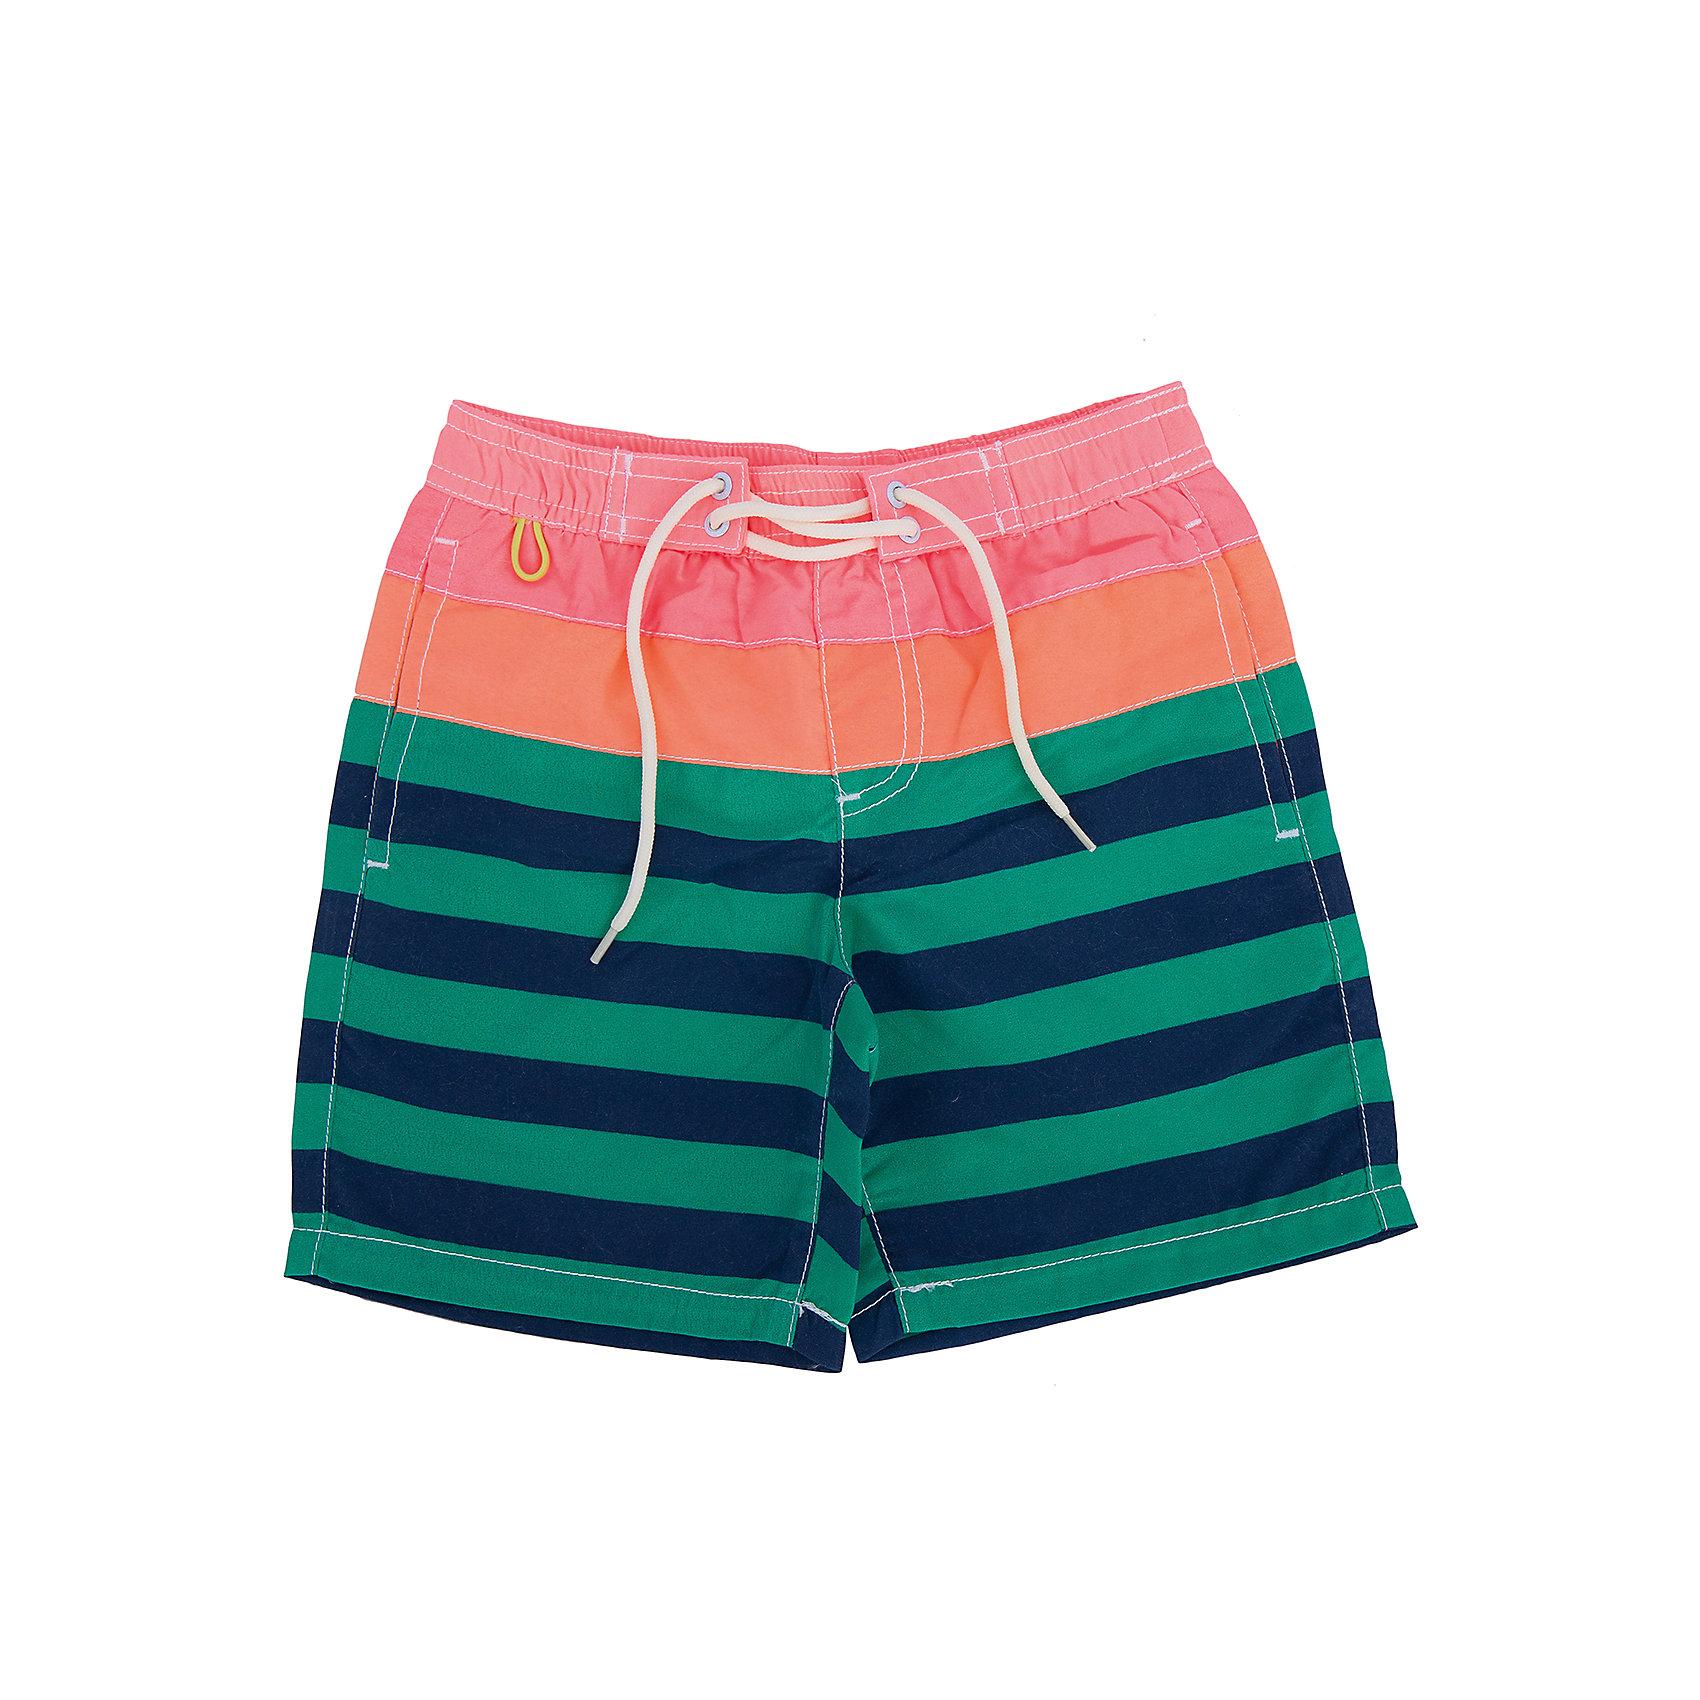 Шорты для мальчика SELAШорты, бриджи, капри<br>Яркие шорты для мальчика от популярного бренда SELA. Изделие предназначено для плавания и активного отдыха на пляже и обладает следующими особенностями:<br>- эффектная расцветка;<br>- легкий быстросохнущий материал, устойчивый к агрессивным внешним воздействиям (солнце, песок, галька, соль и т.п.);<br>- пояс на резинке и шнуровка;<br>- вентиляционные отверстия для свободной циркуляции воздуха;<br>- внутри плавки из белой сетки;<br>- удобные карманы;<br>- привлекательный дизайн;<br>- комфортный крой.<br>Прекрасный выбор для пляжного отдыха!<br><br>Дополнительная информация:<br>- состав: 100% полиэстер<br>- цвет: комбинированный<br><br>Шорты для мальчика SELA (СЕЛА) можно купить в нашем магазине<br><br>Ширина мм: 191<br>Глубина мм: 10<br>Высота мм: 175<br>Вес г: 273<br>Цвет: синий<br>Возраст от месяцев: 60<br>Возраст до месяцев: 72<br>Пол: Мужской<br>Возраст: Детский<br>Размер: 116,92,98,104,110<br>SKU: 4741985